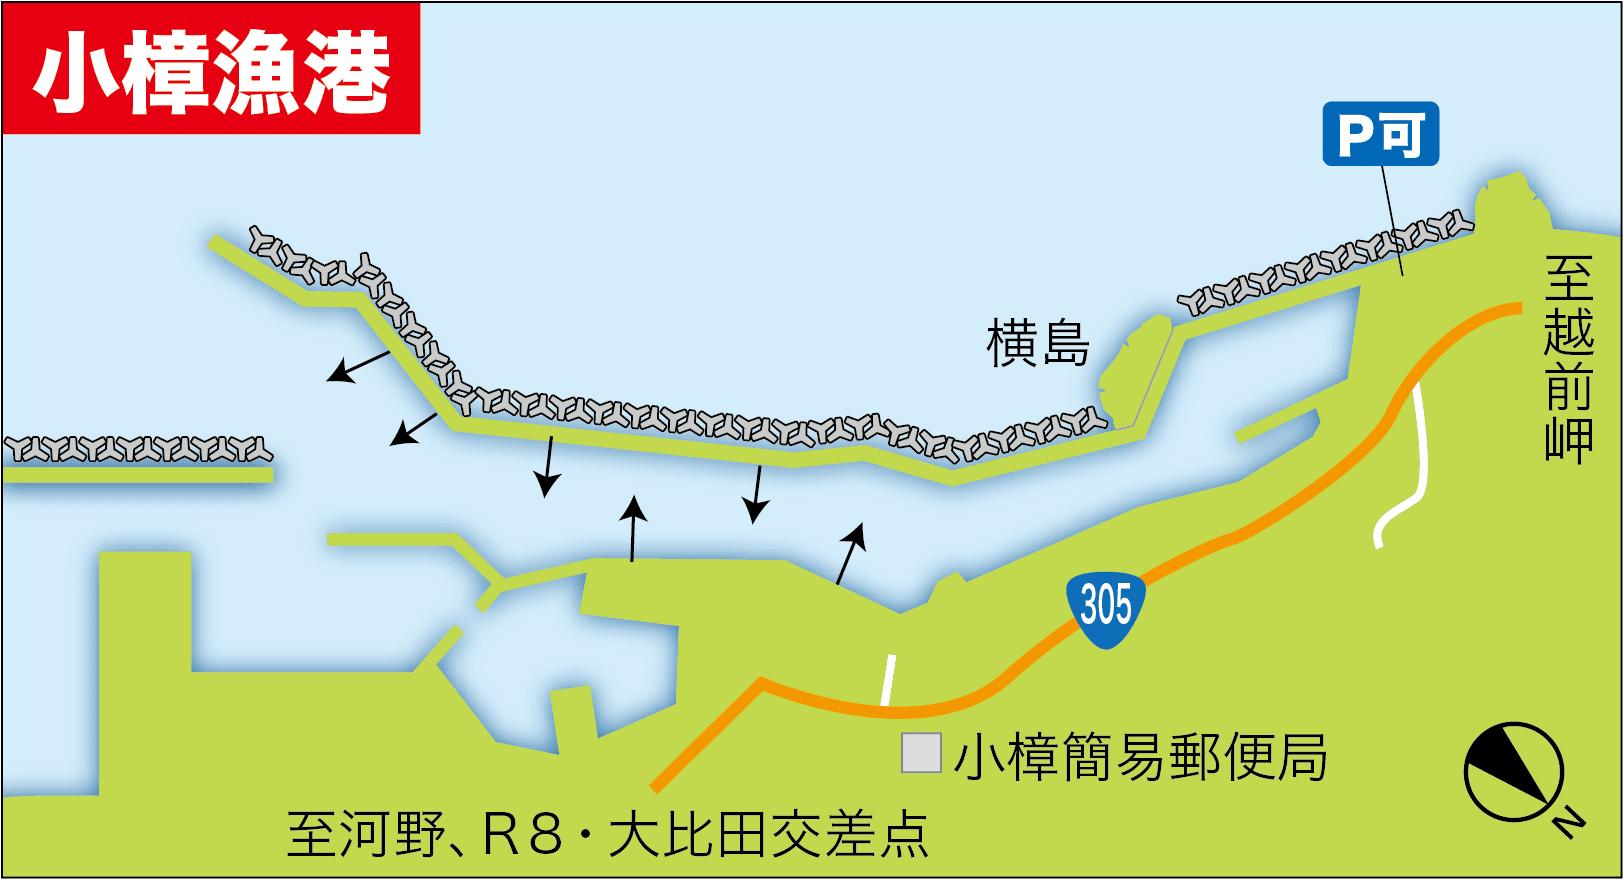 鞠山海遊パークアコウ12